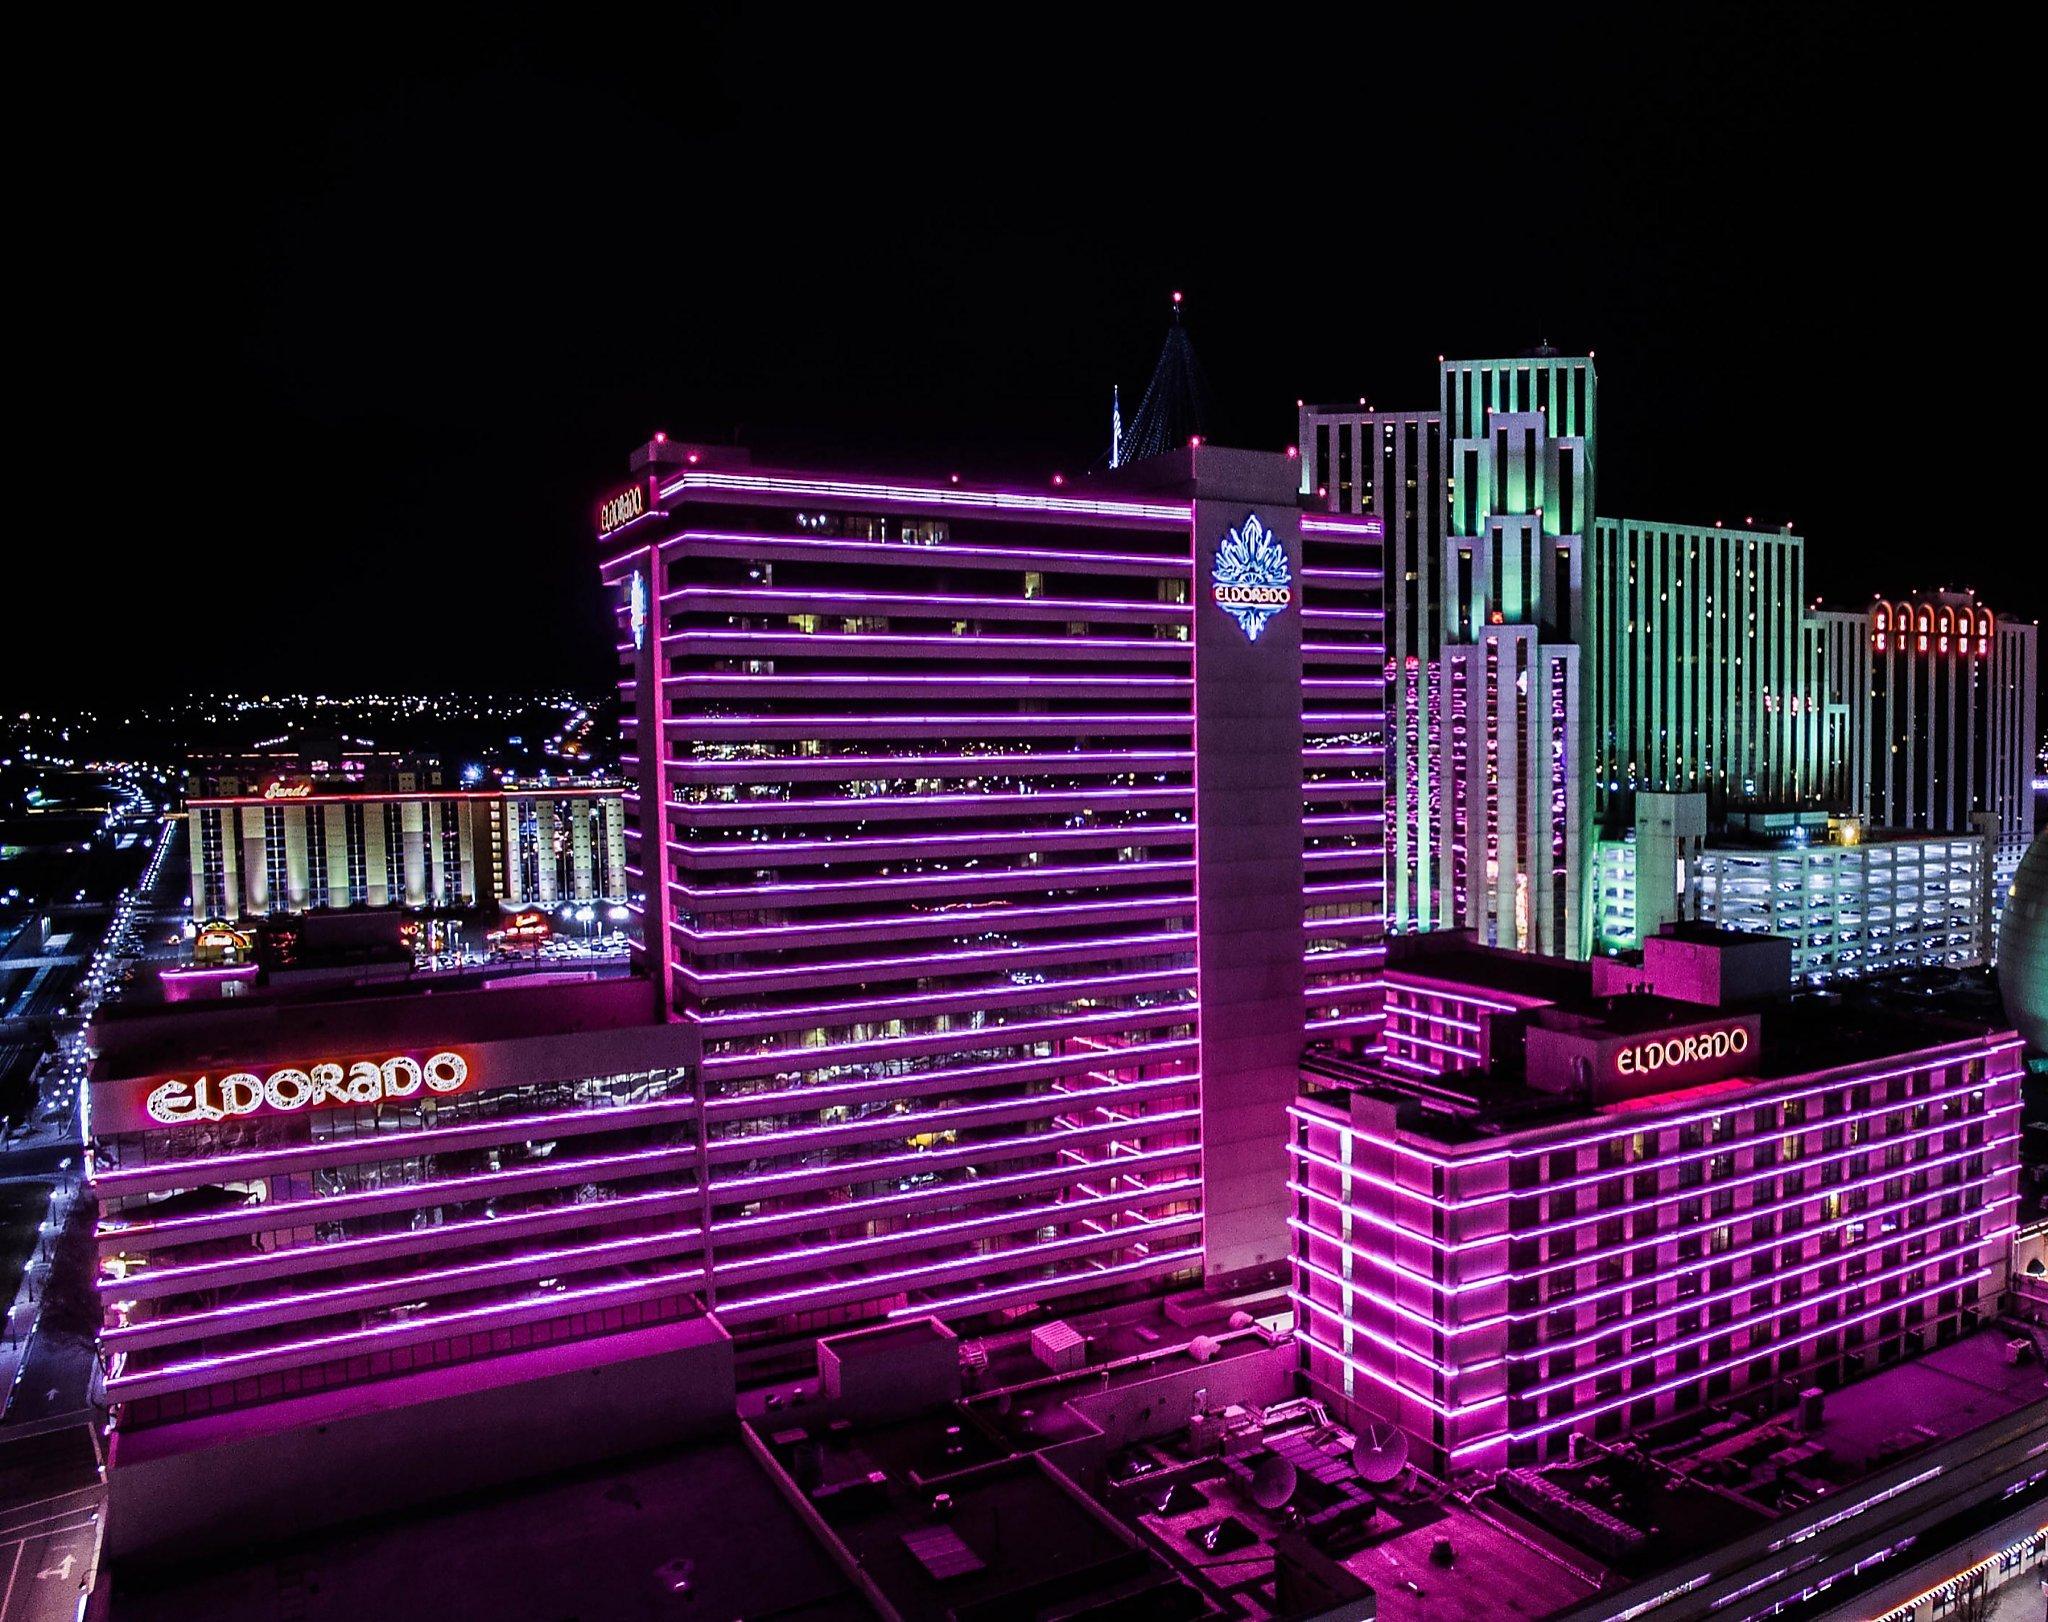 Корпорация Eldorado Resorts получила статус крупнейшего игорного оператора Америки